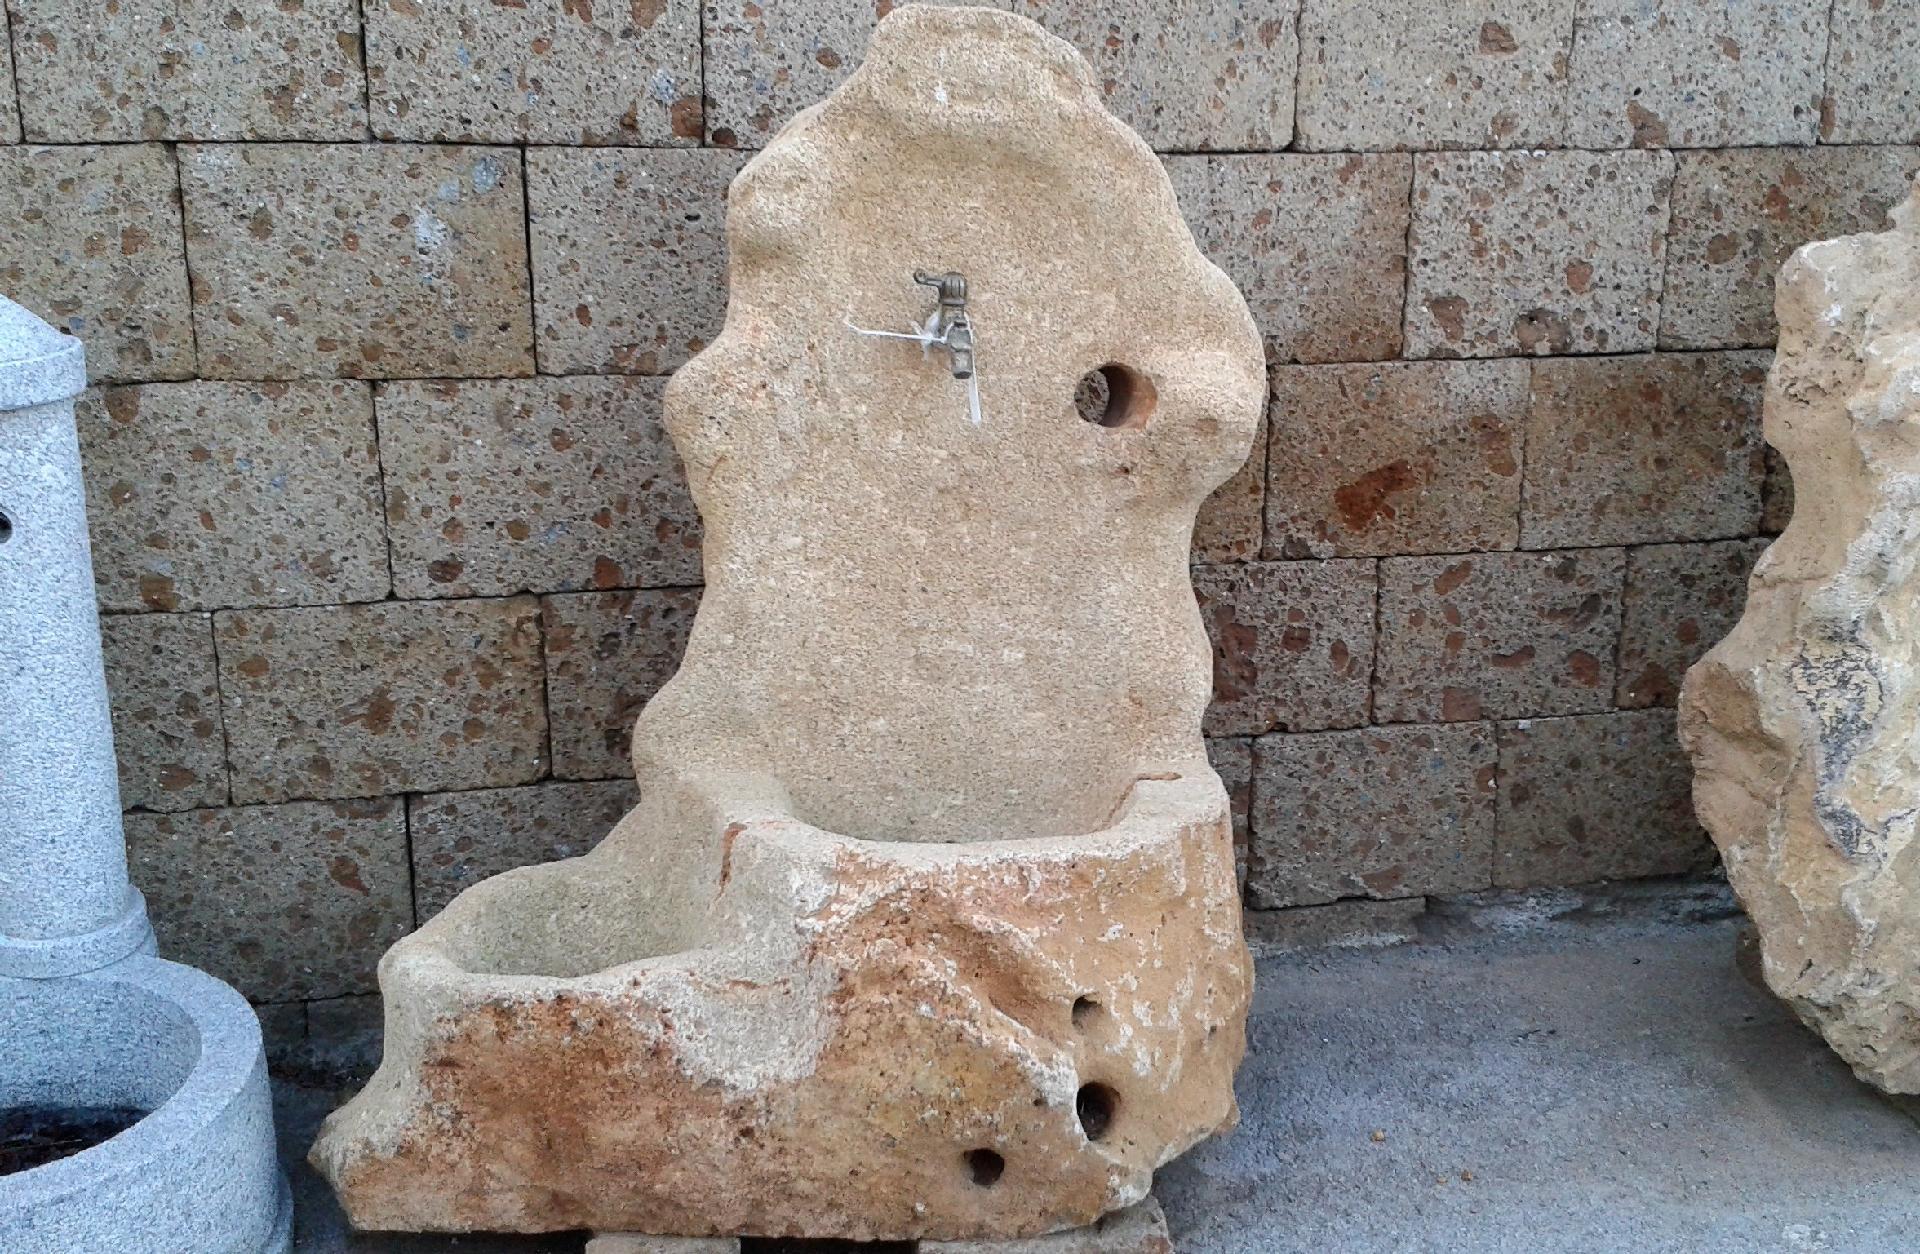 Fontana in pietra altavilla milicia palermo - Pietre da giardino ornamentali ...